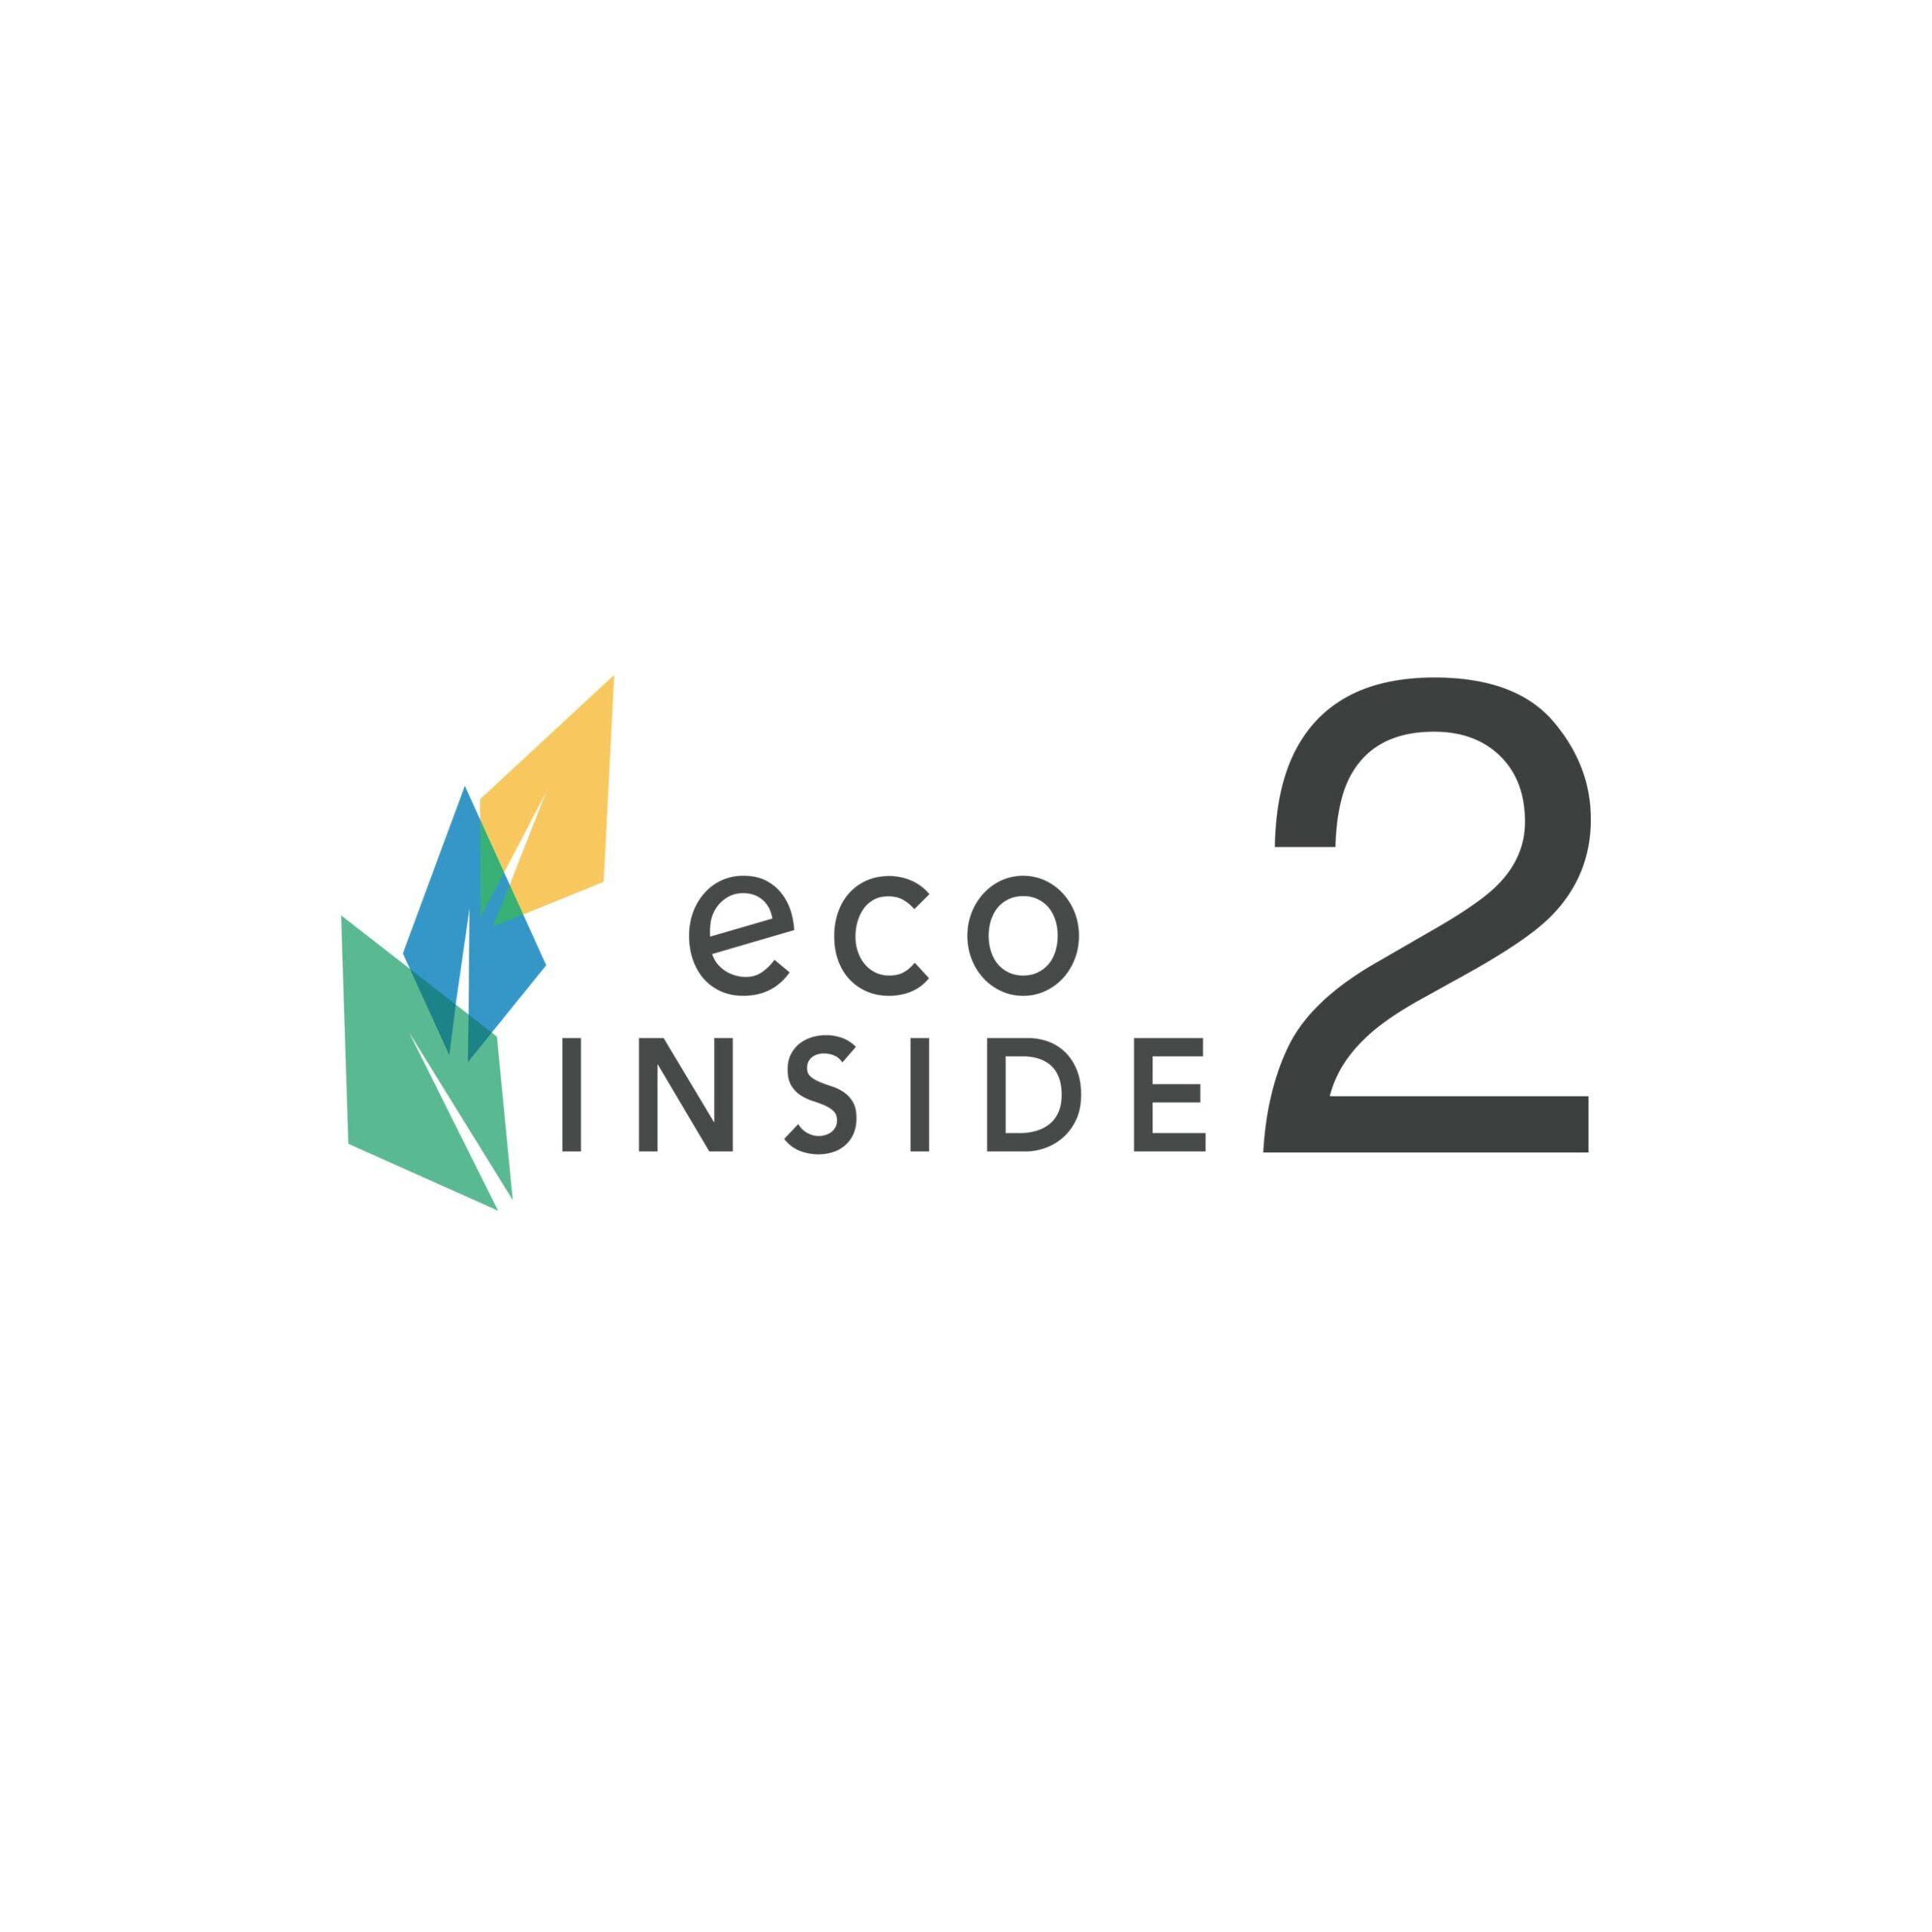 Glädjande besked för ecoINSIDE